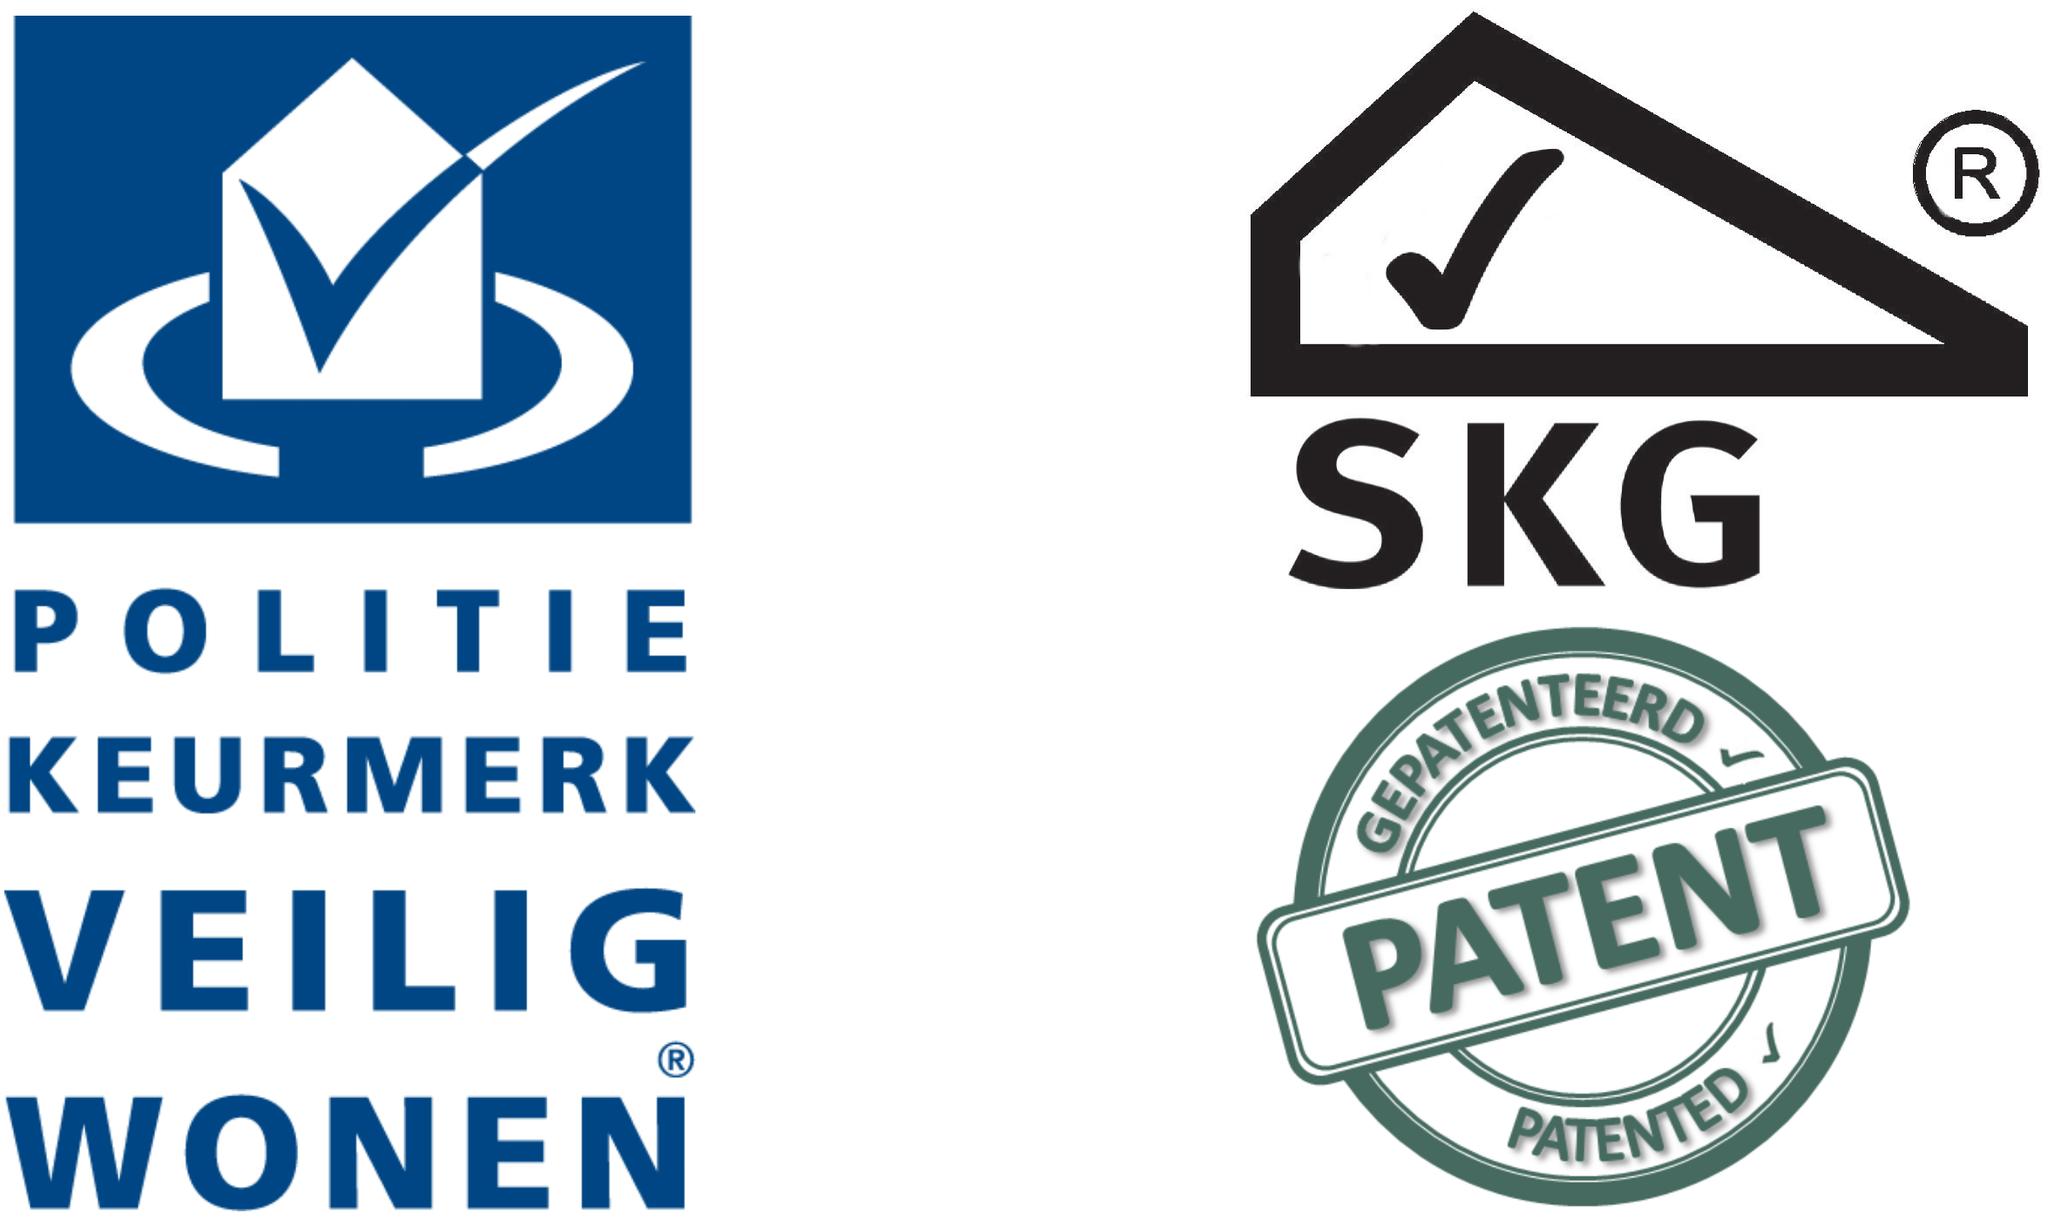 Politiekeurmerk Veilig Wonen & SKG Keurmerk